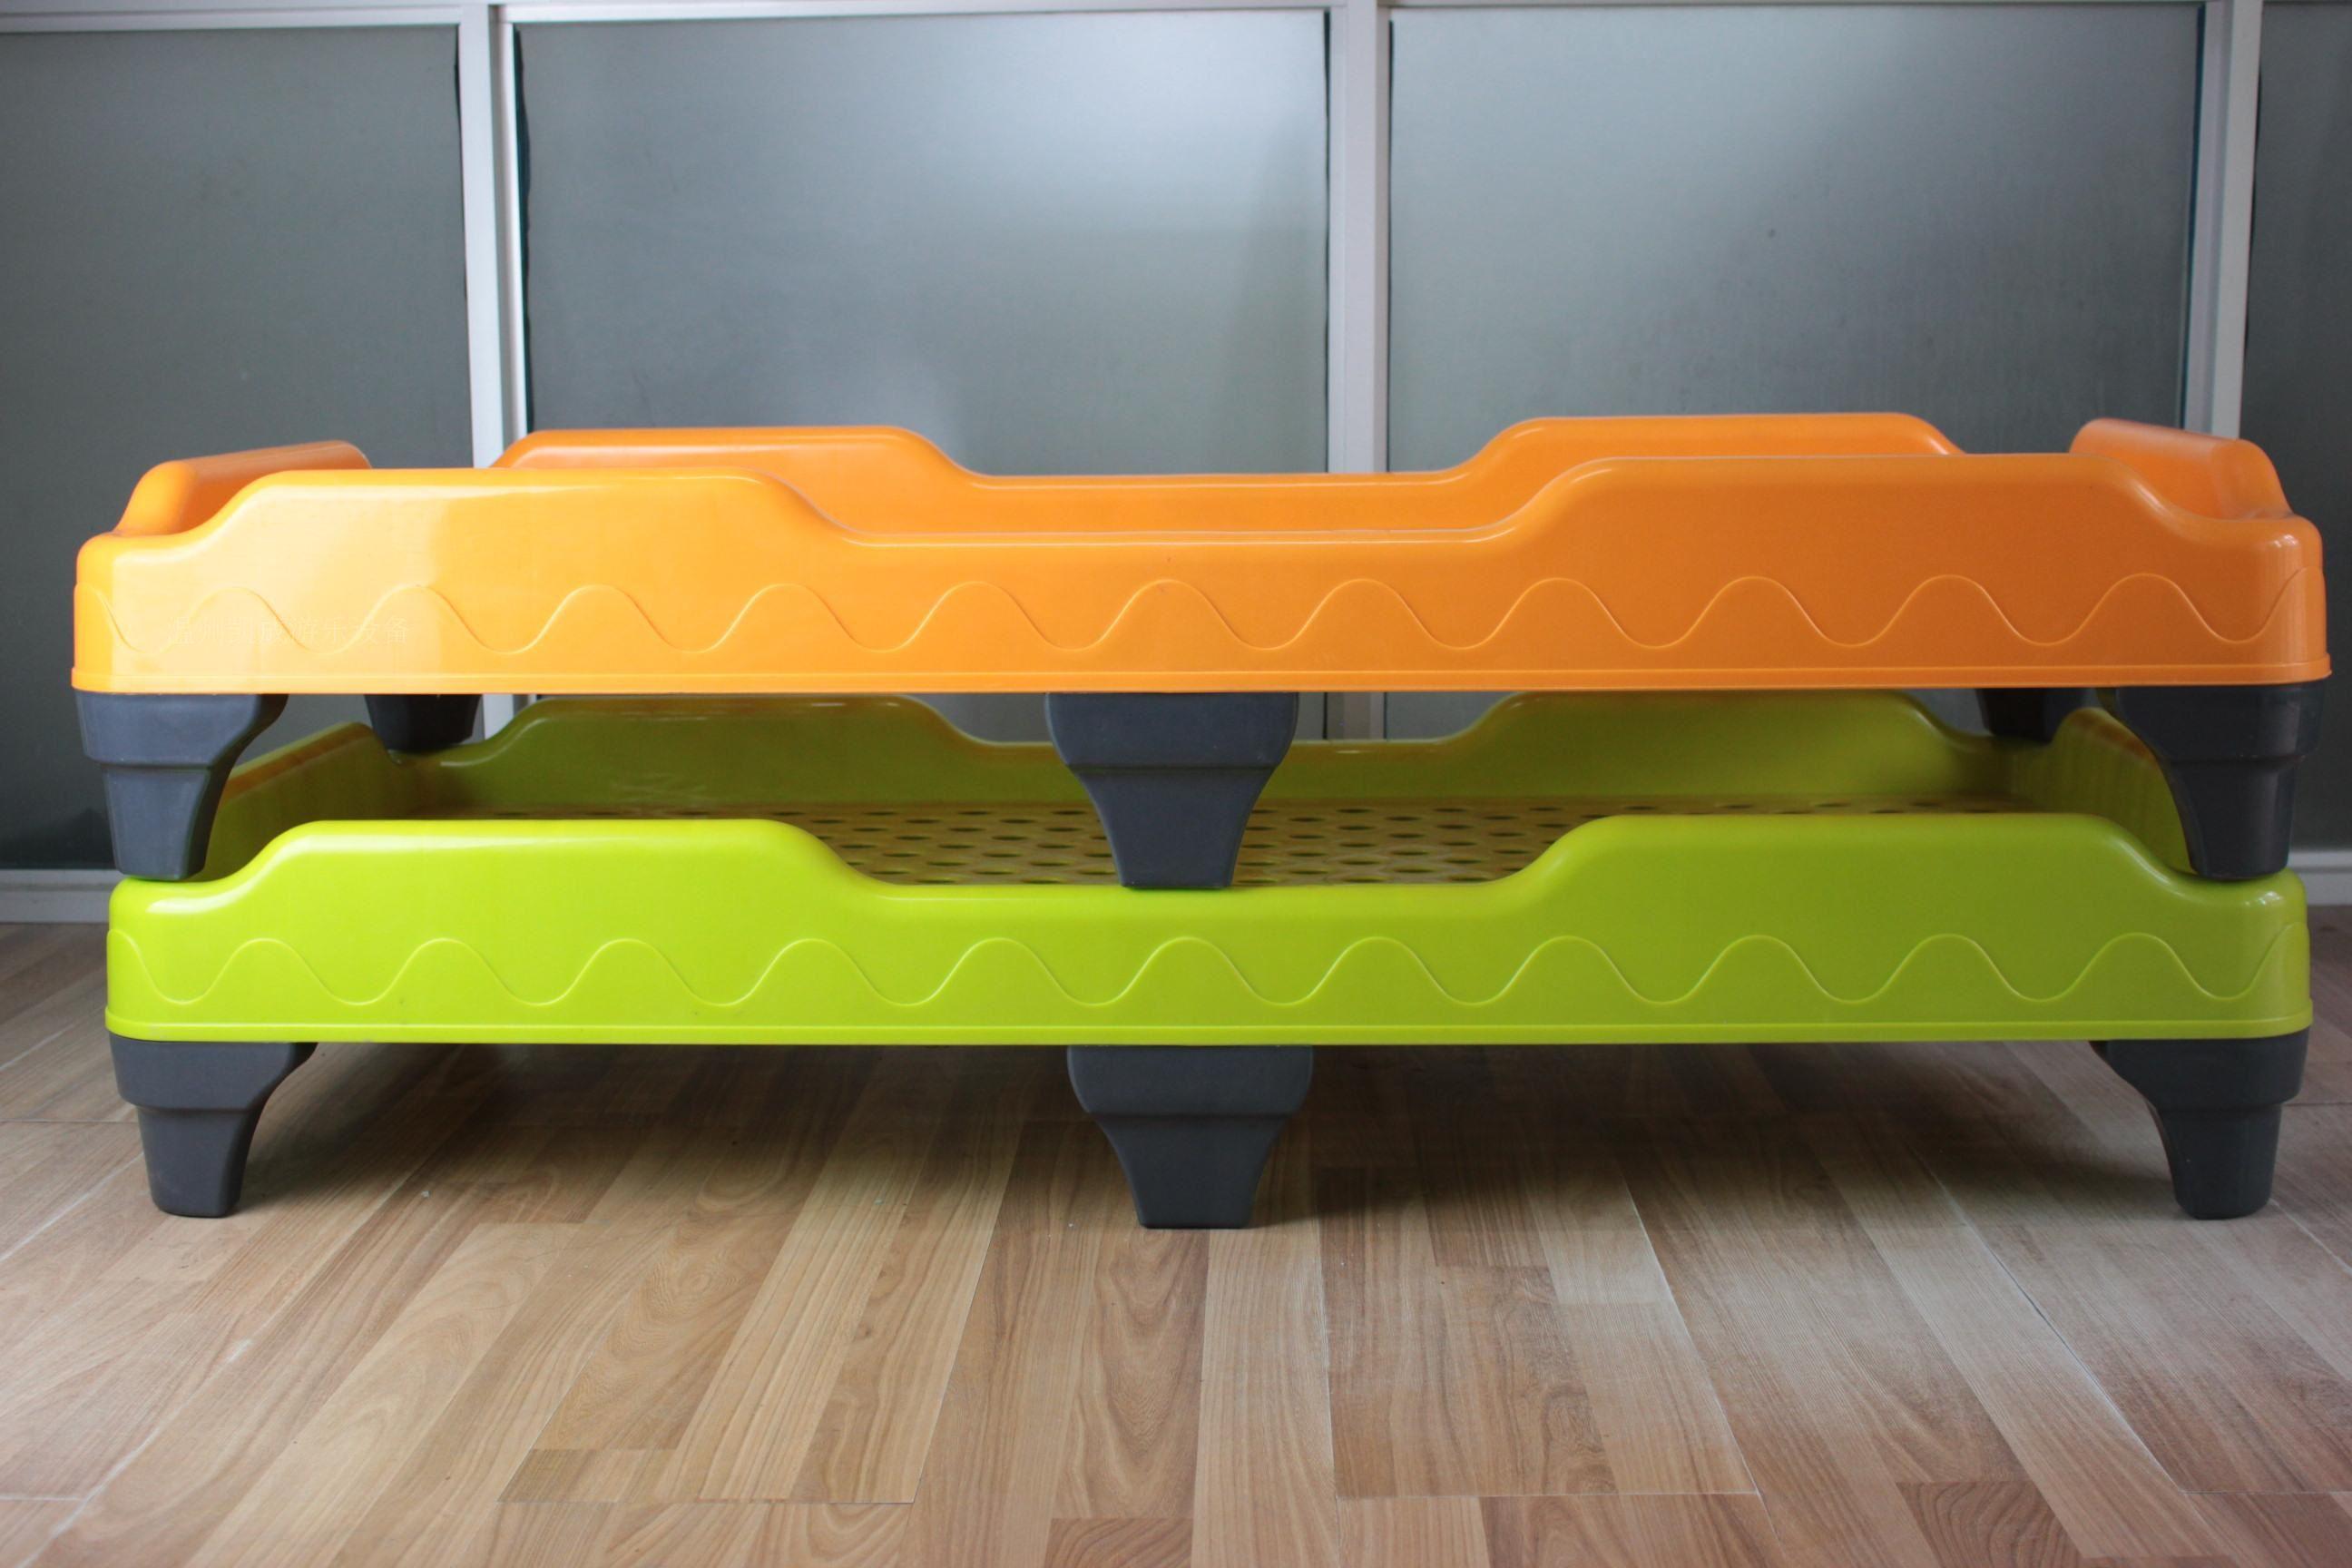 新款塑料床儿童午睡床幼儿园专用床叠叠床午休床单人床注塑一体